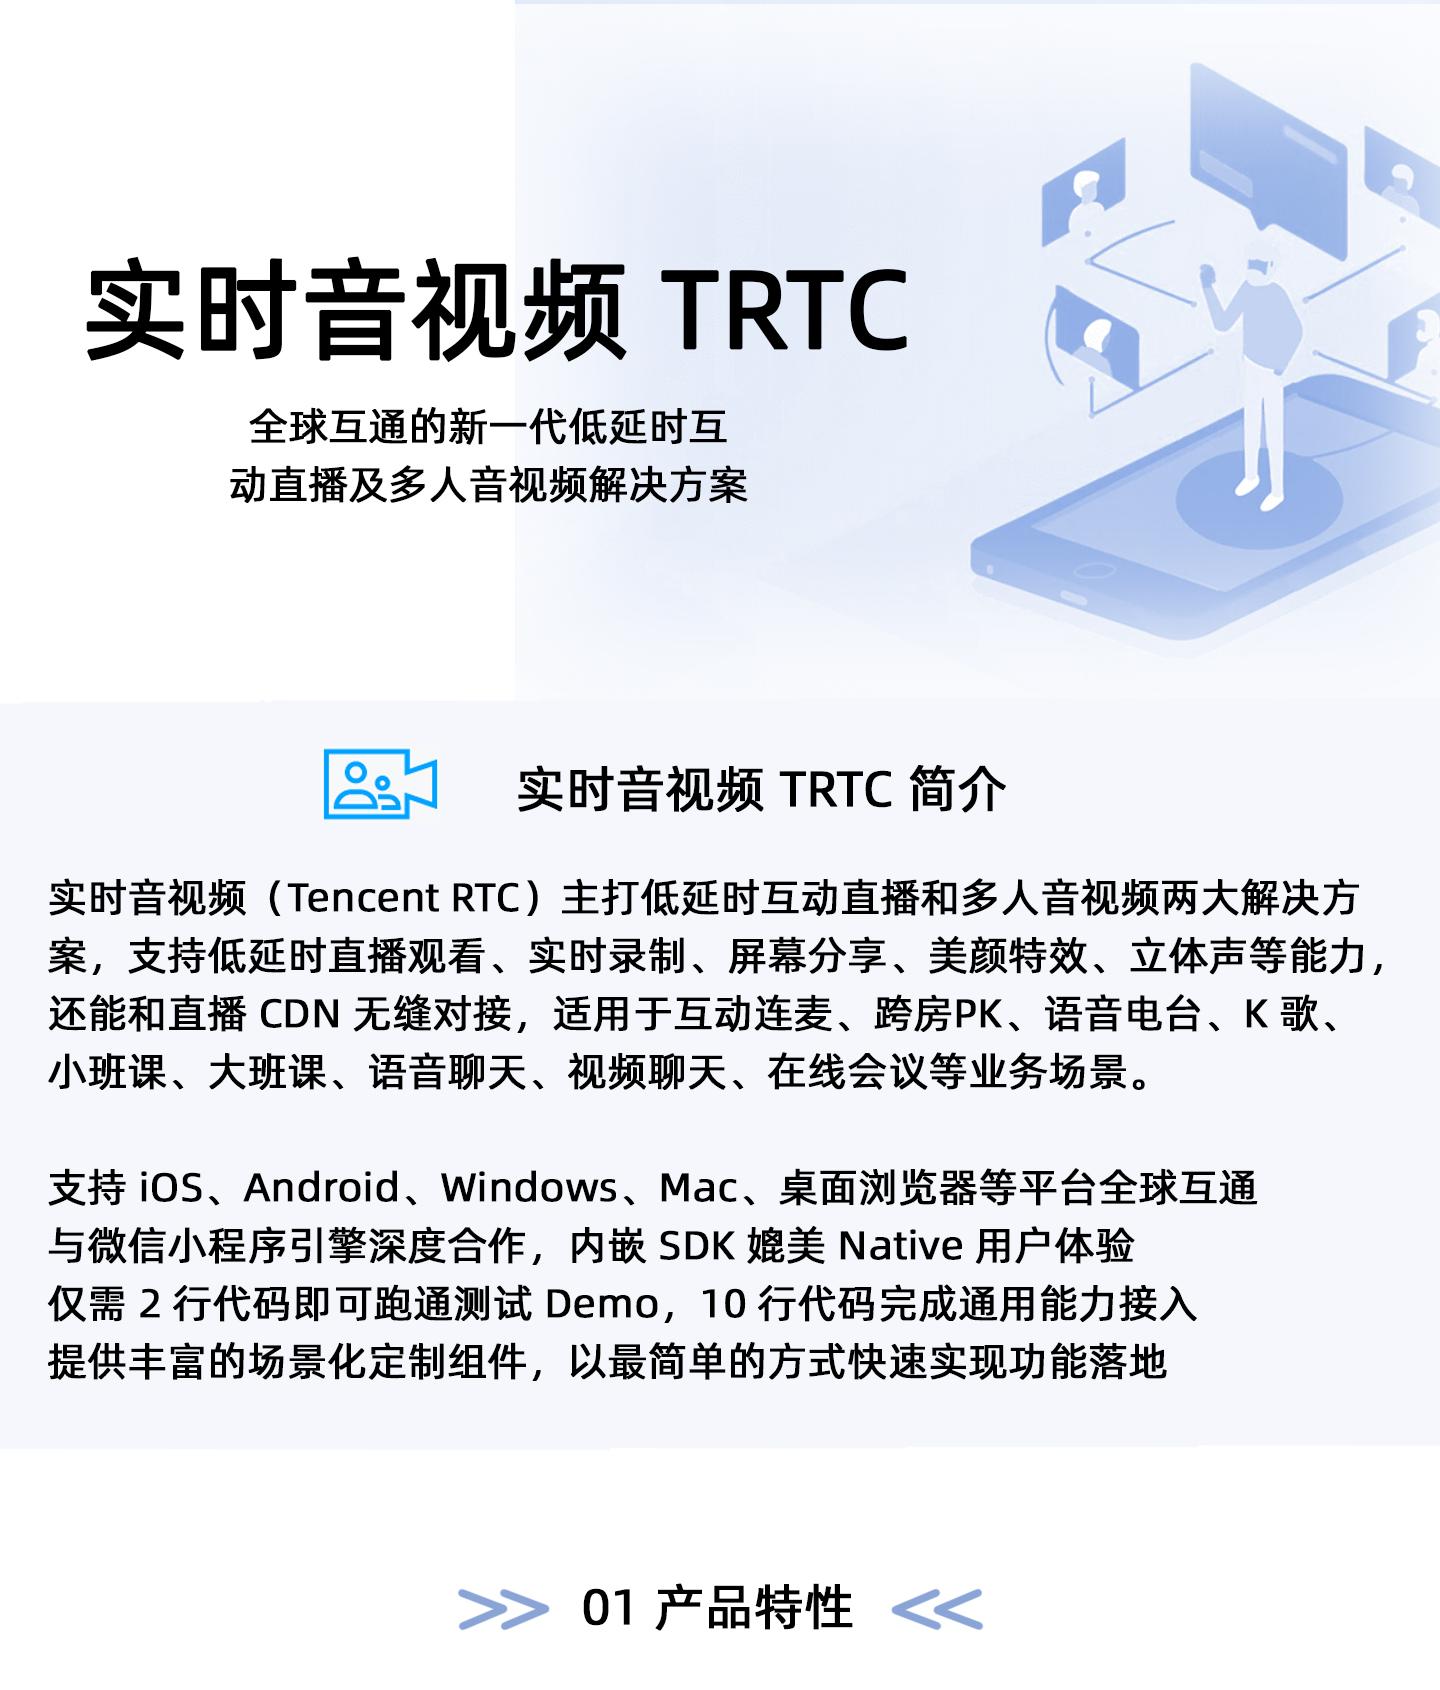 实时音频TRTC1440(1)_01.jpg